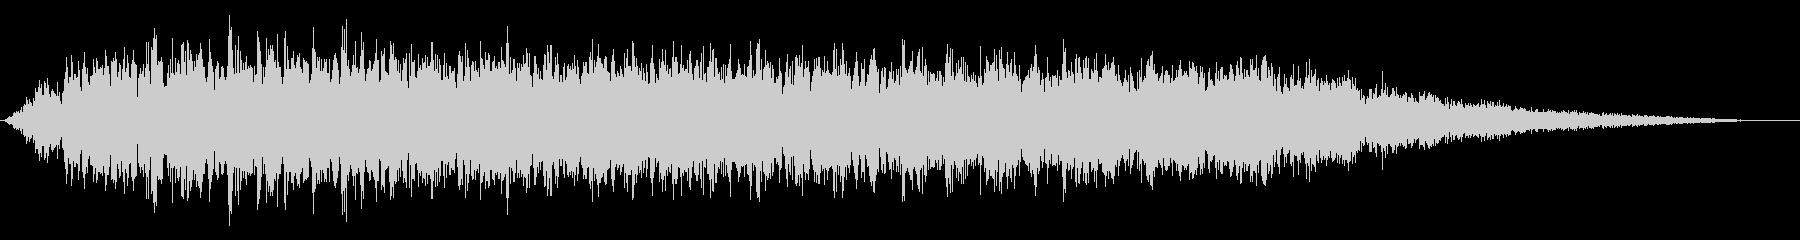 【ダークアンビエント】ホラーBGM_03の未再生の波形